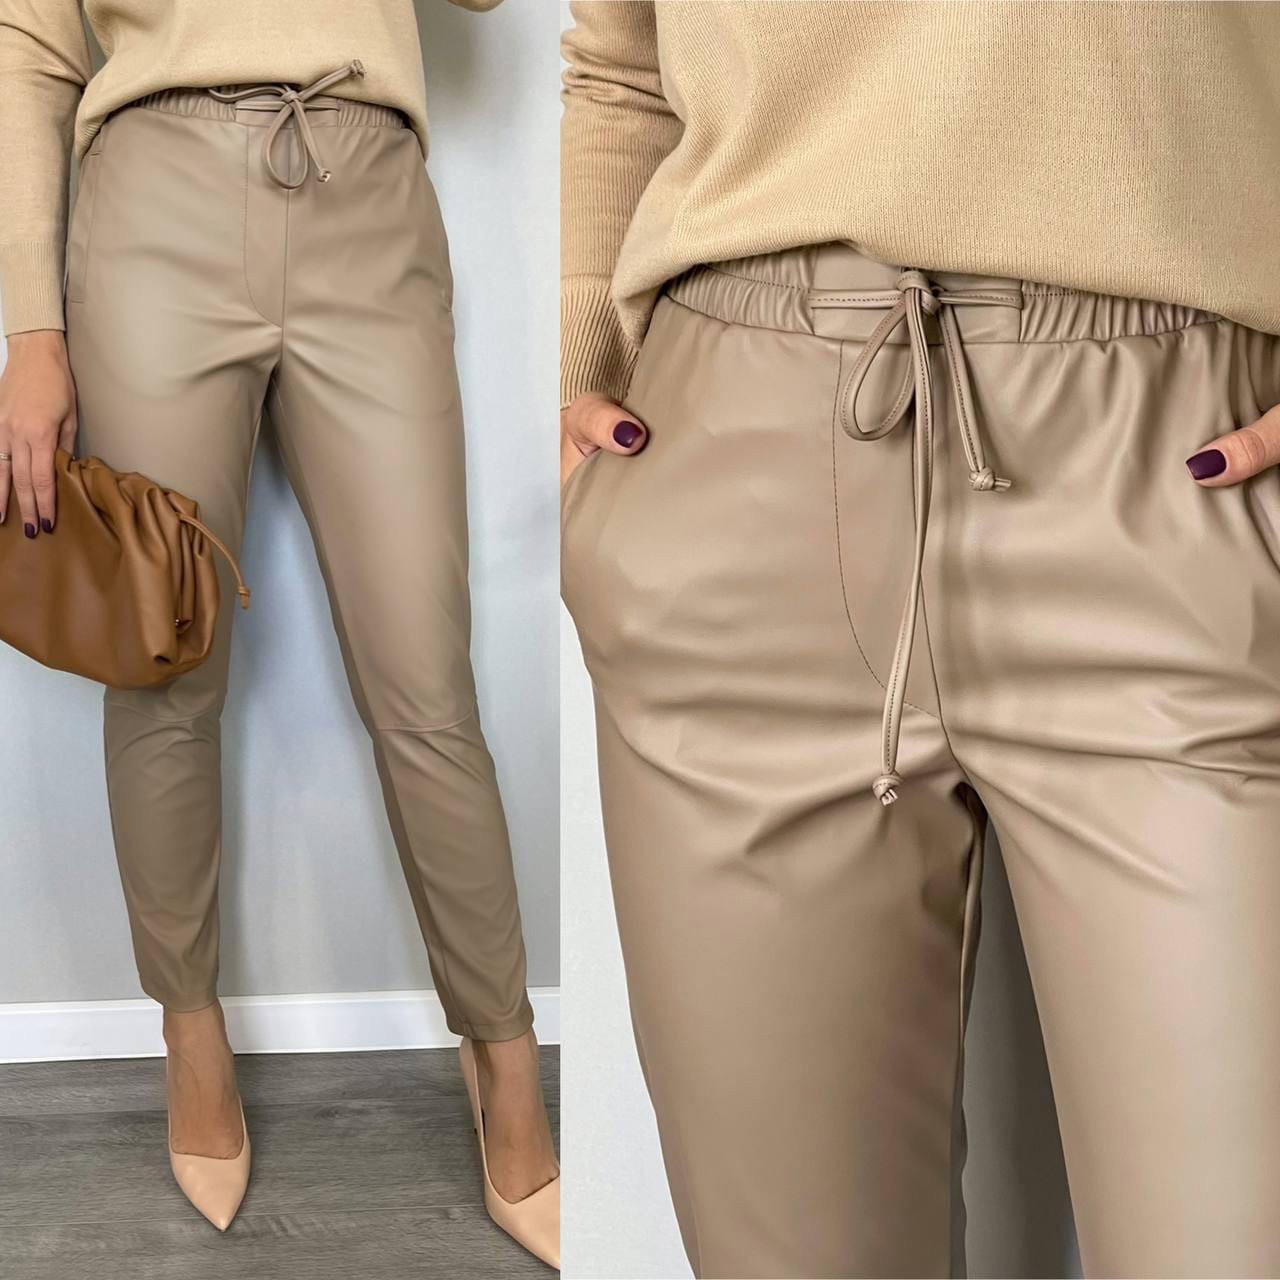 Жіночі брюки з еко-шкіри з високою посадкою